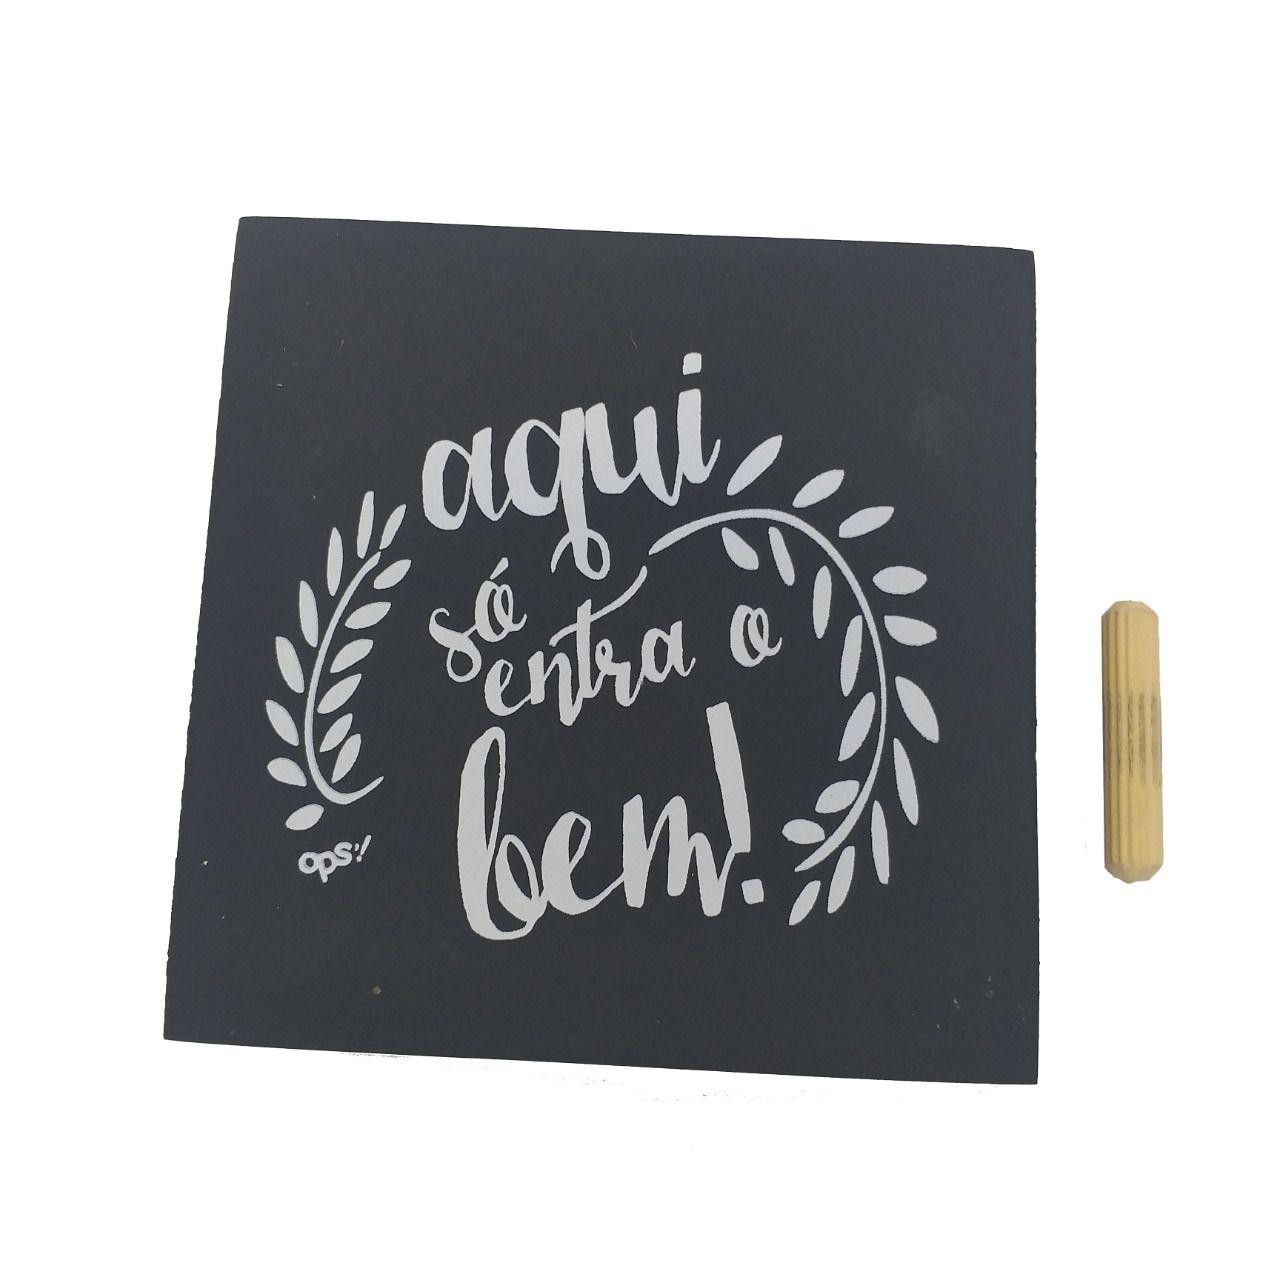 Mini Quadro Decorativo Aqui Só Entra o Bem! 12x12 cm